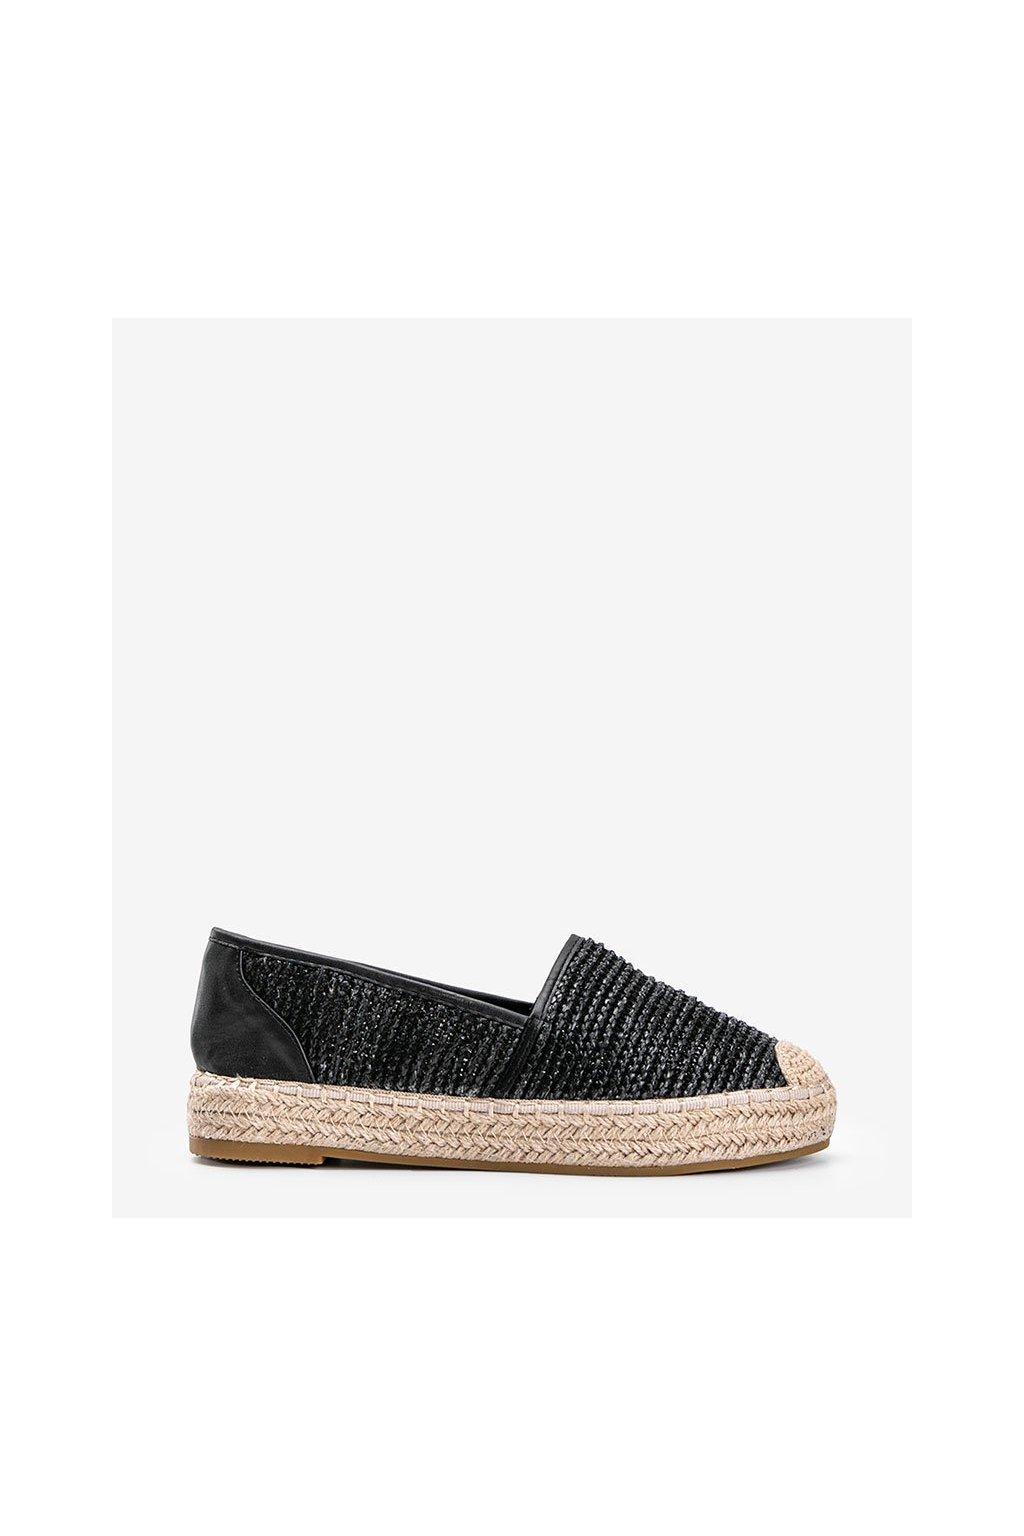 Dámske topánky espadrilky čierne kód 4620 - GM